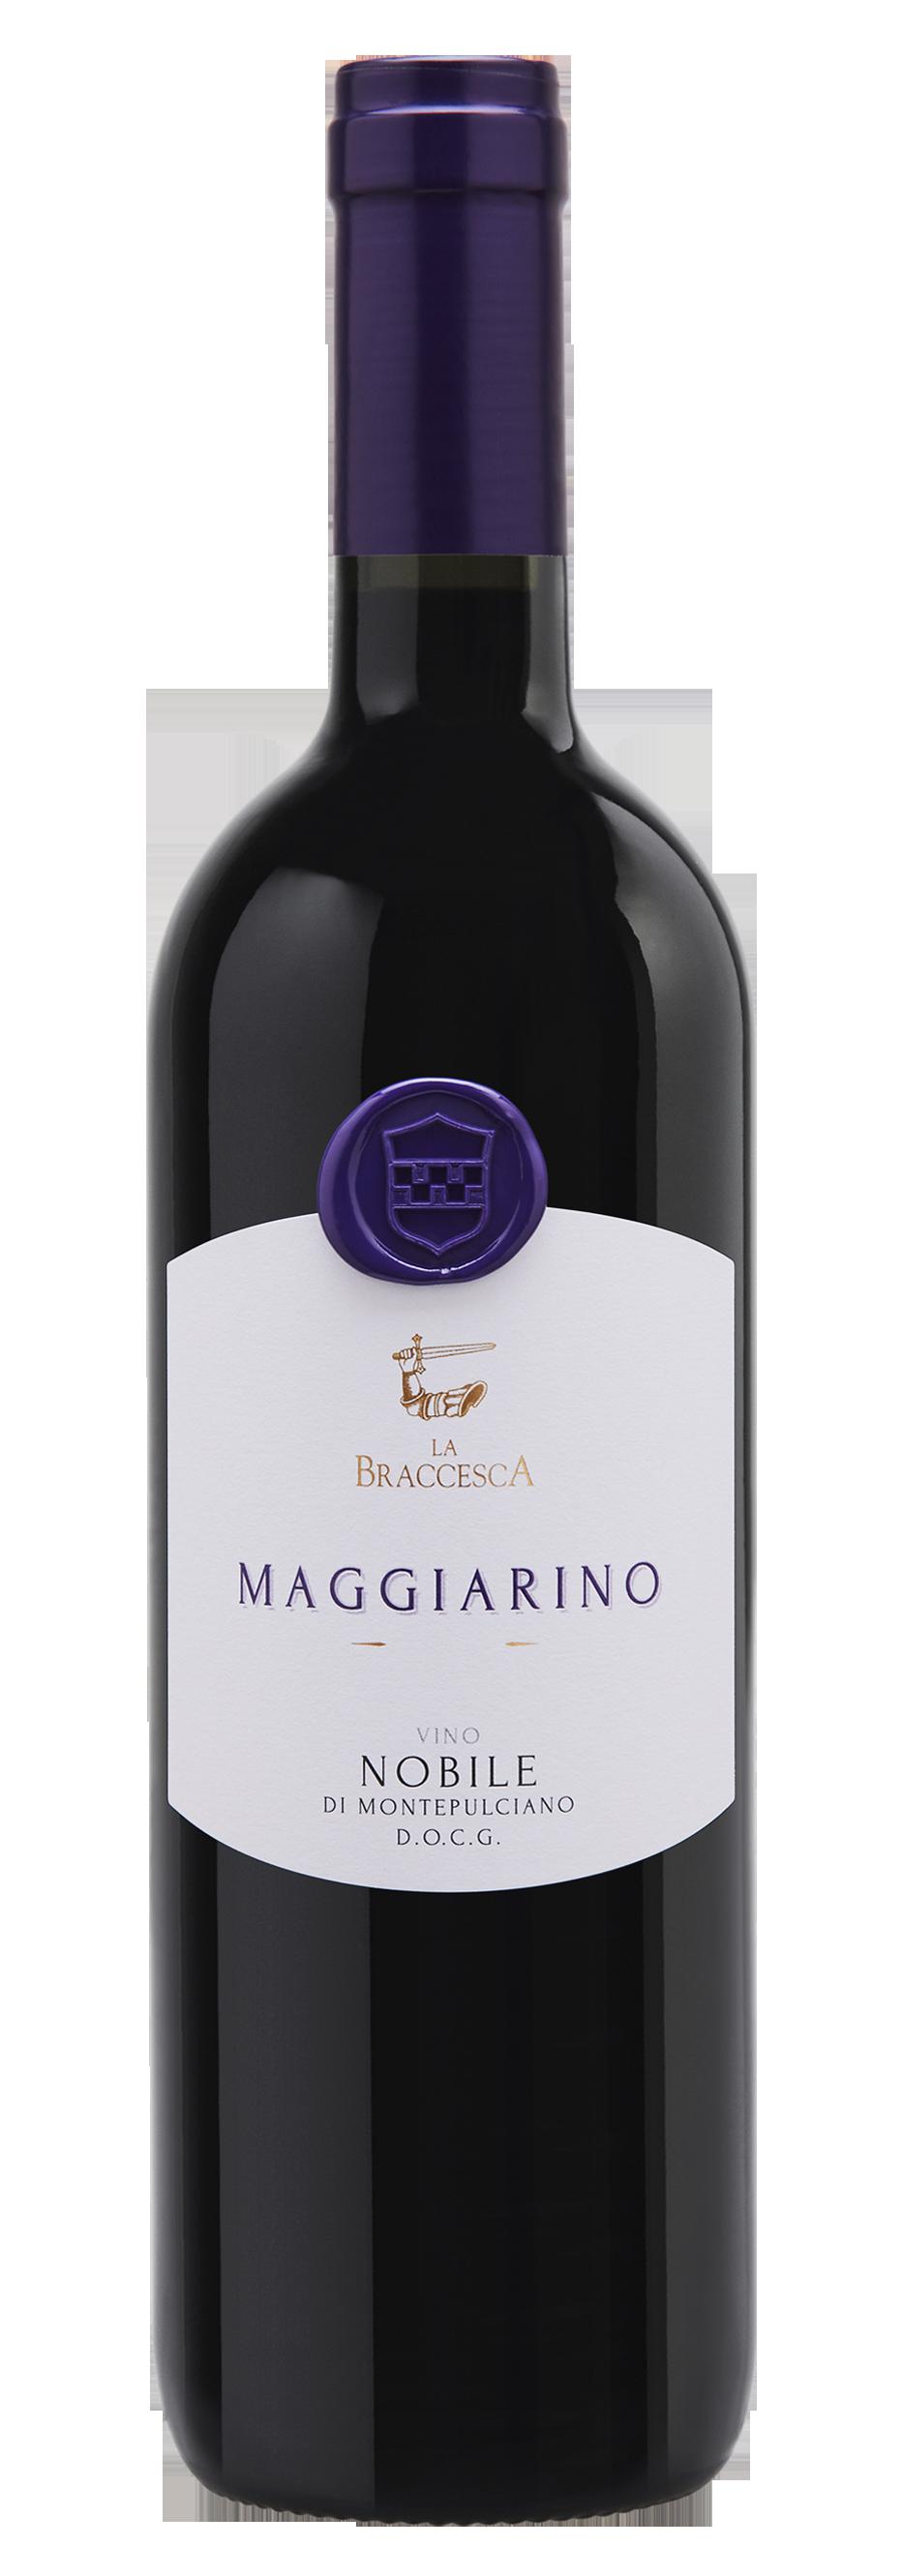 Maggiarino 2015